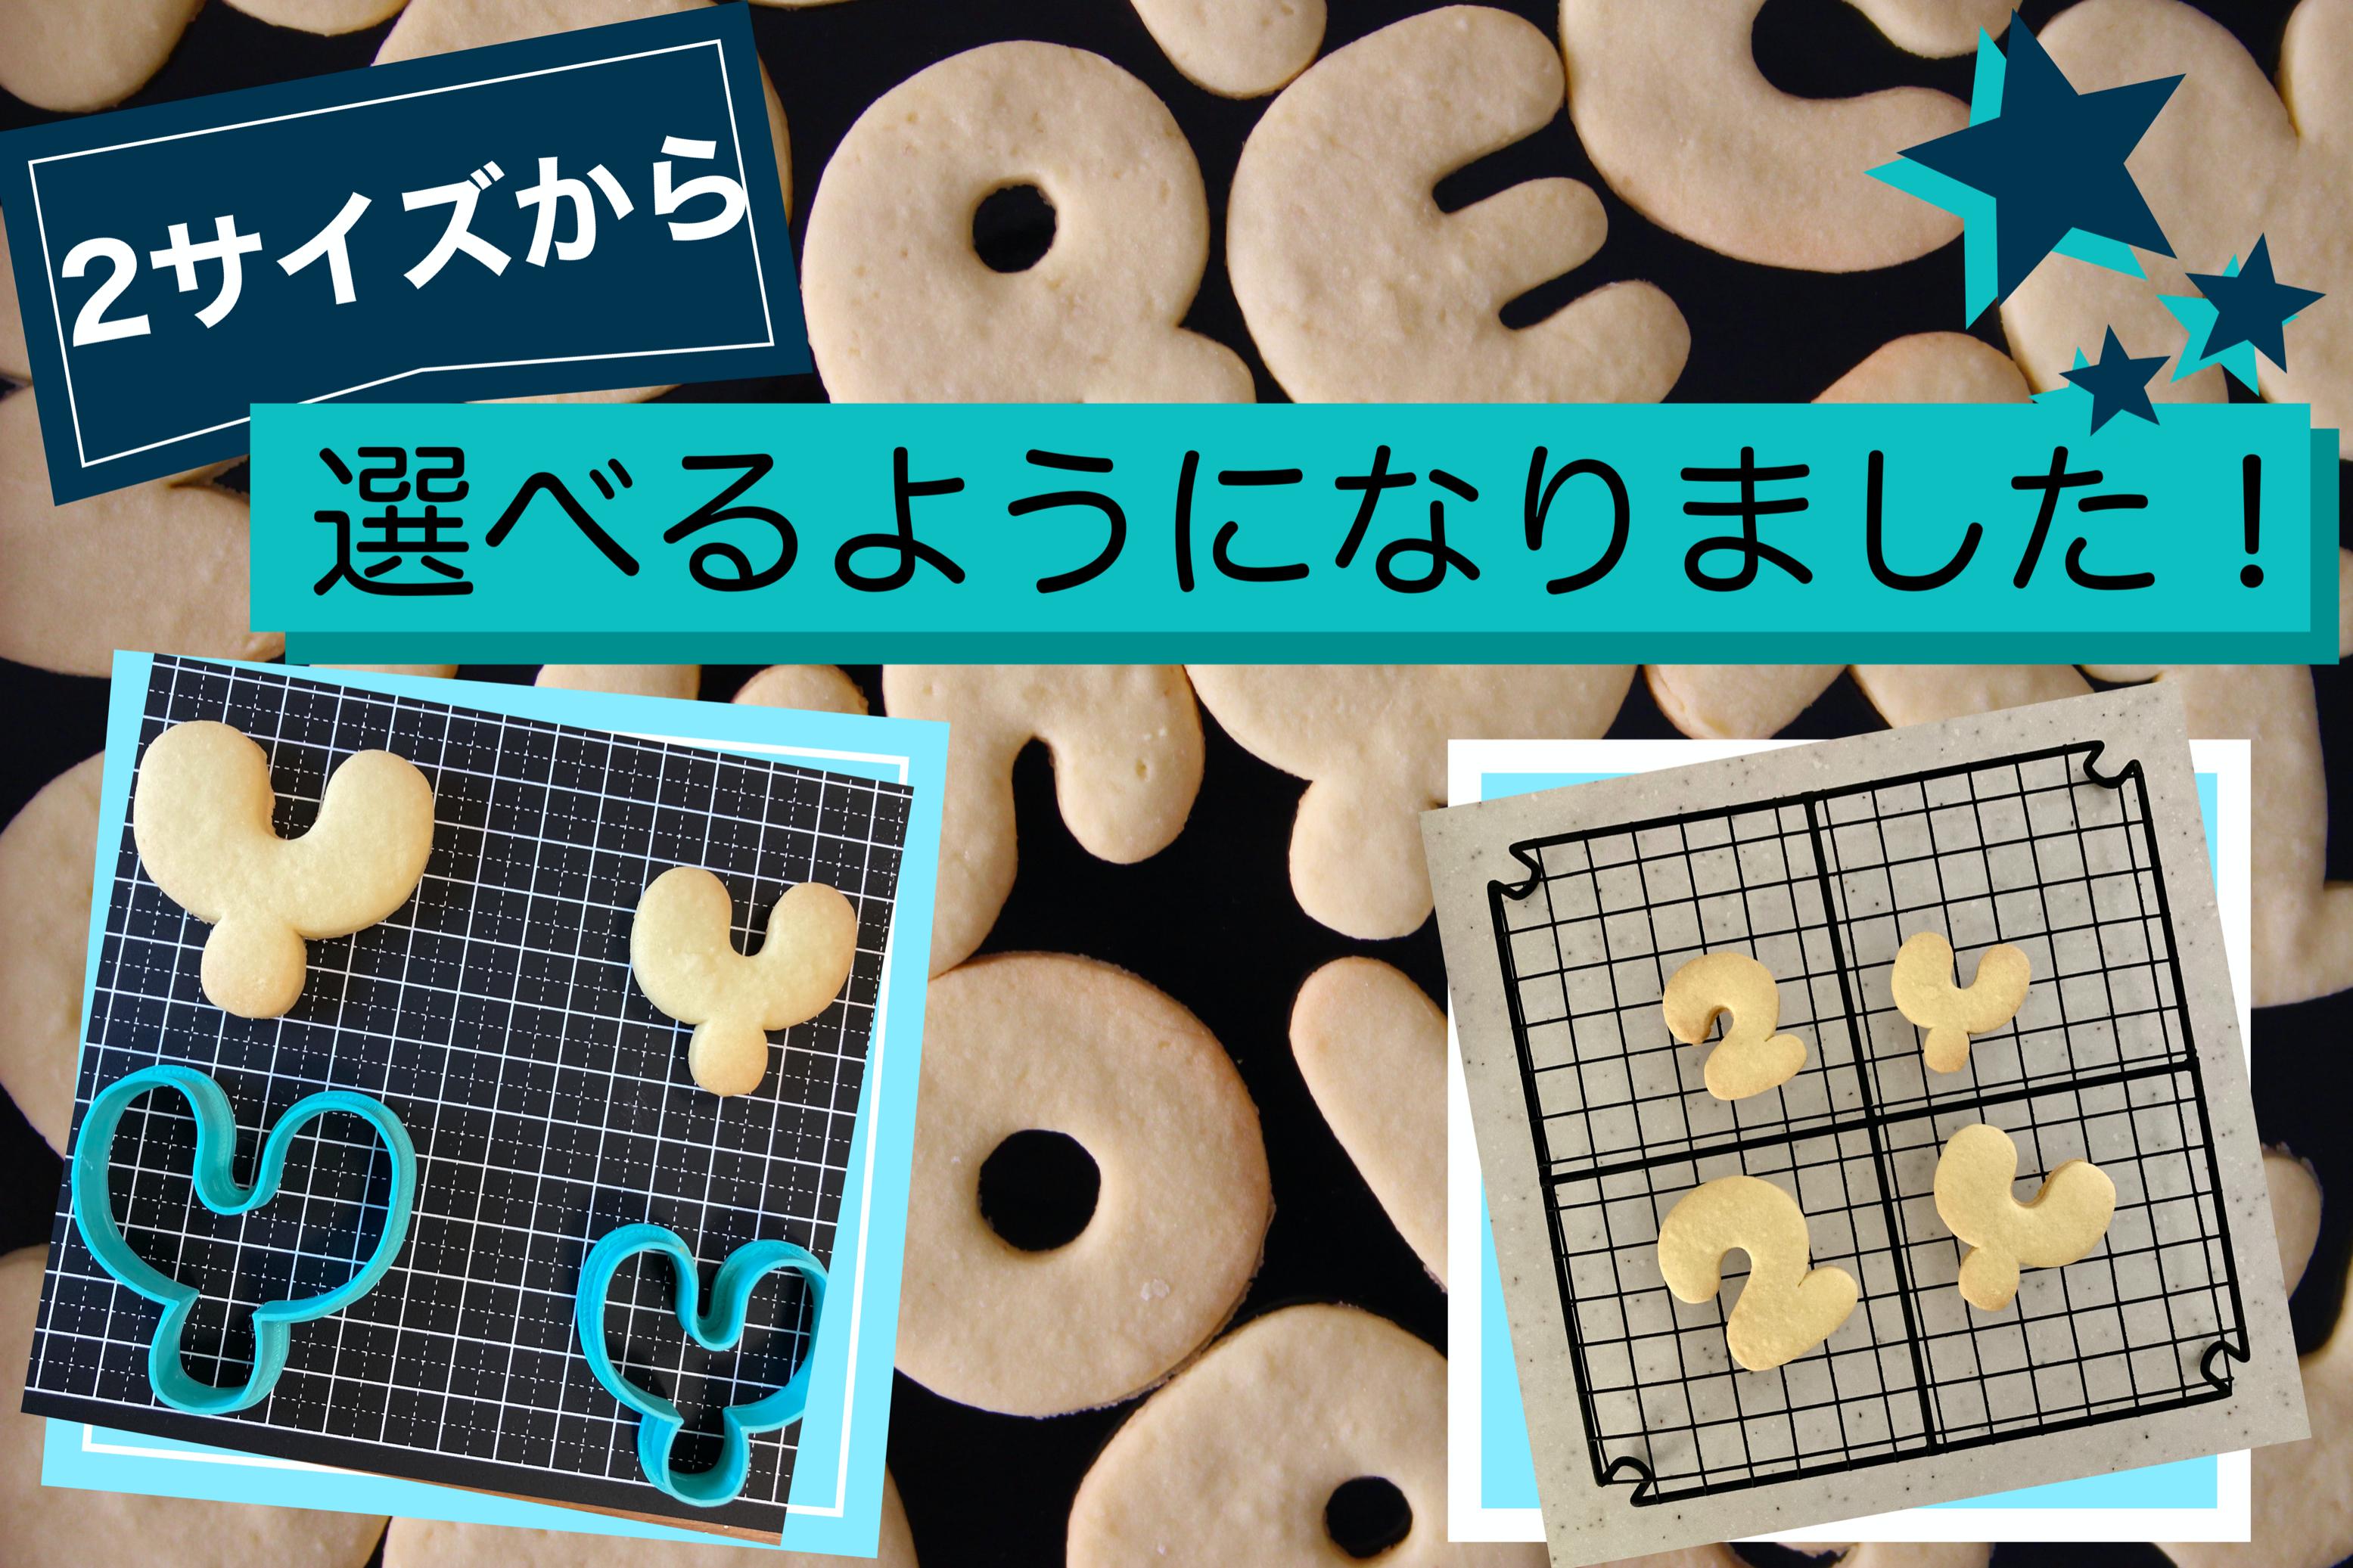 Cookies Stamp紹介画像1